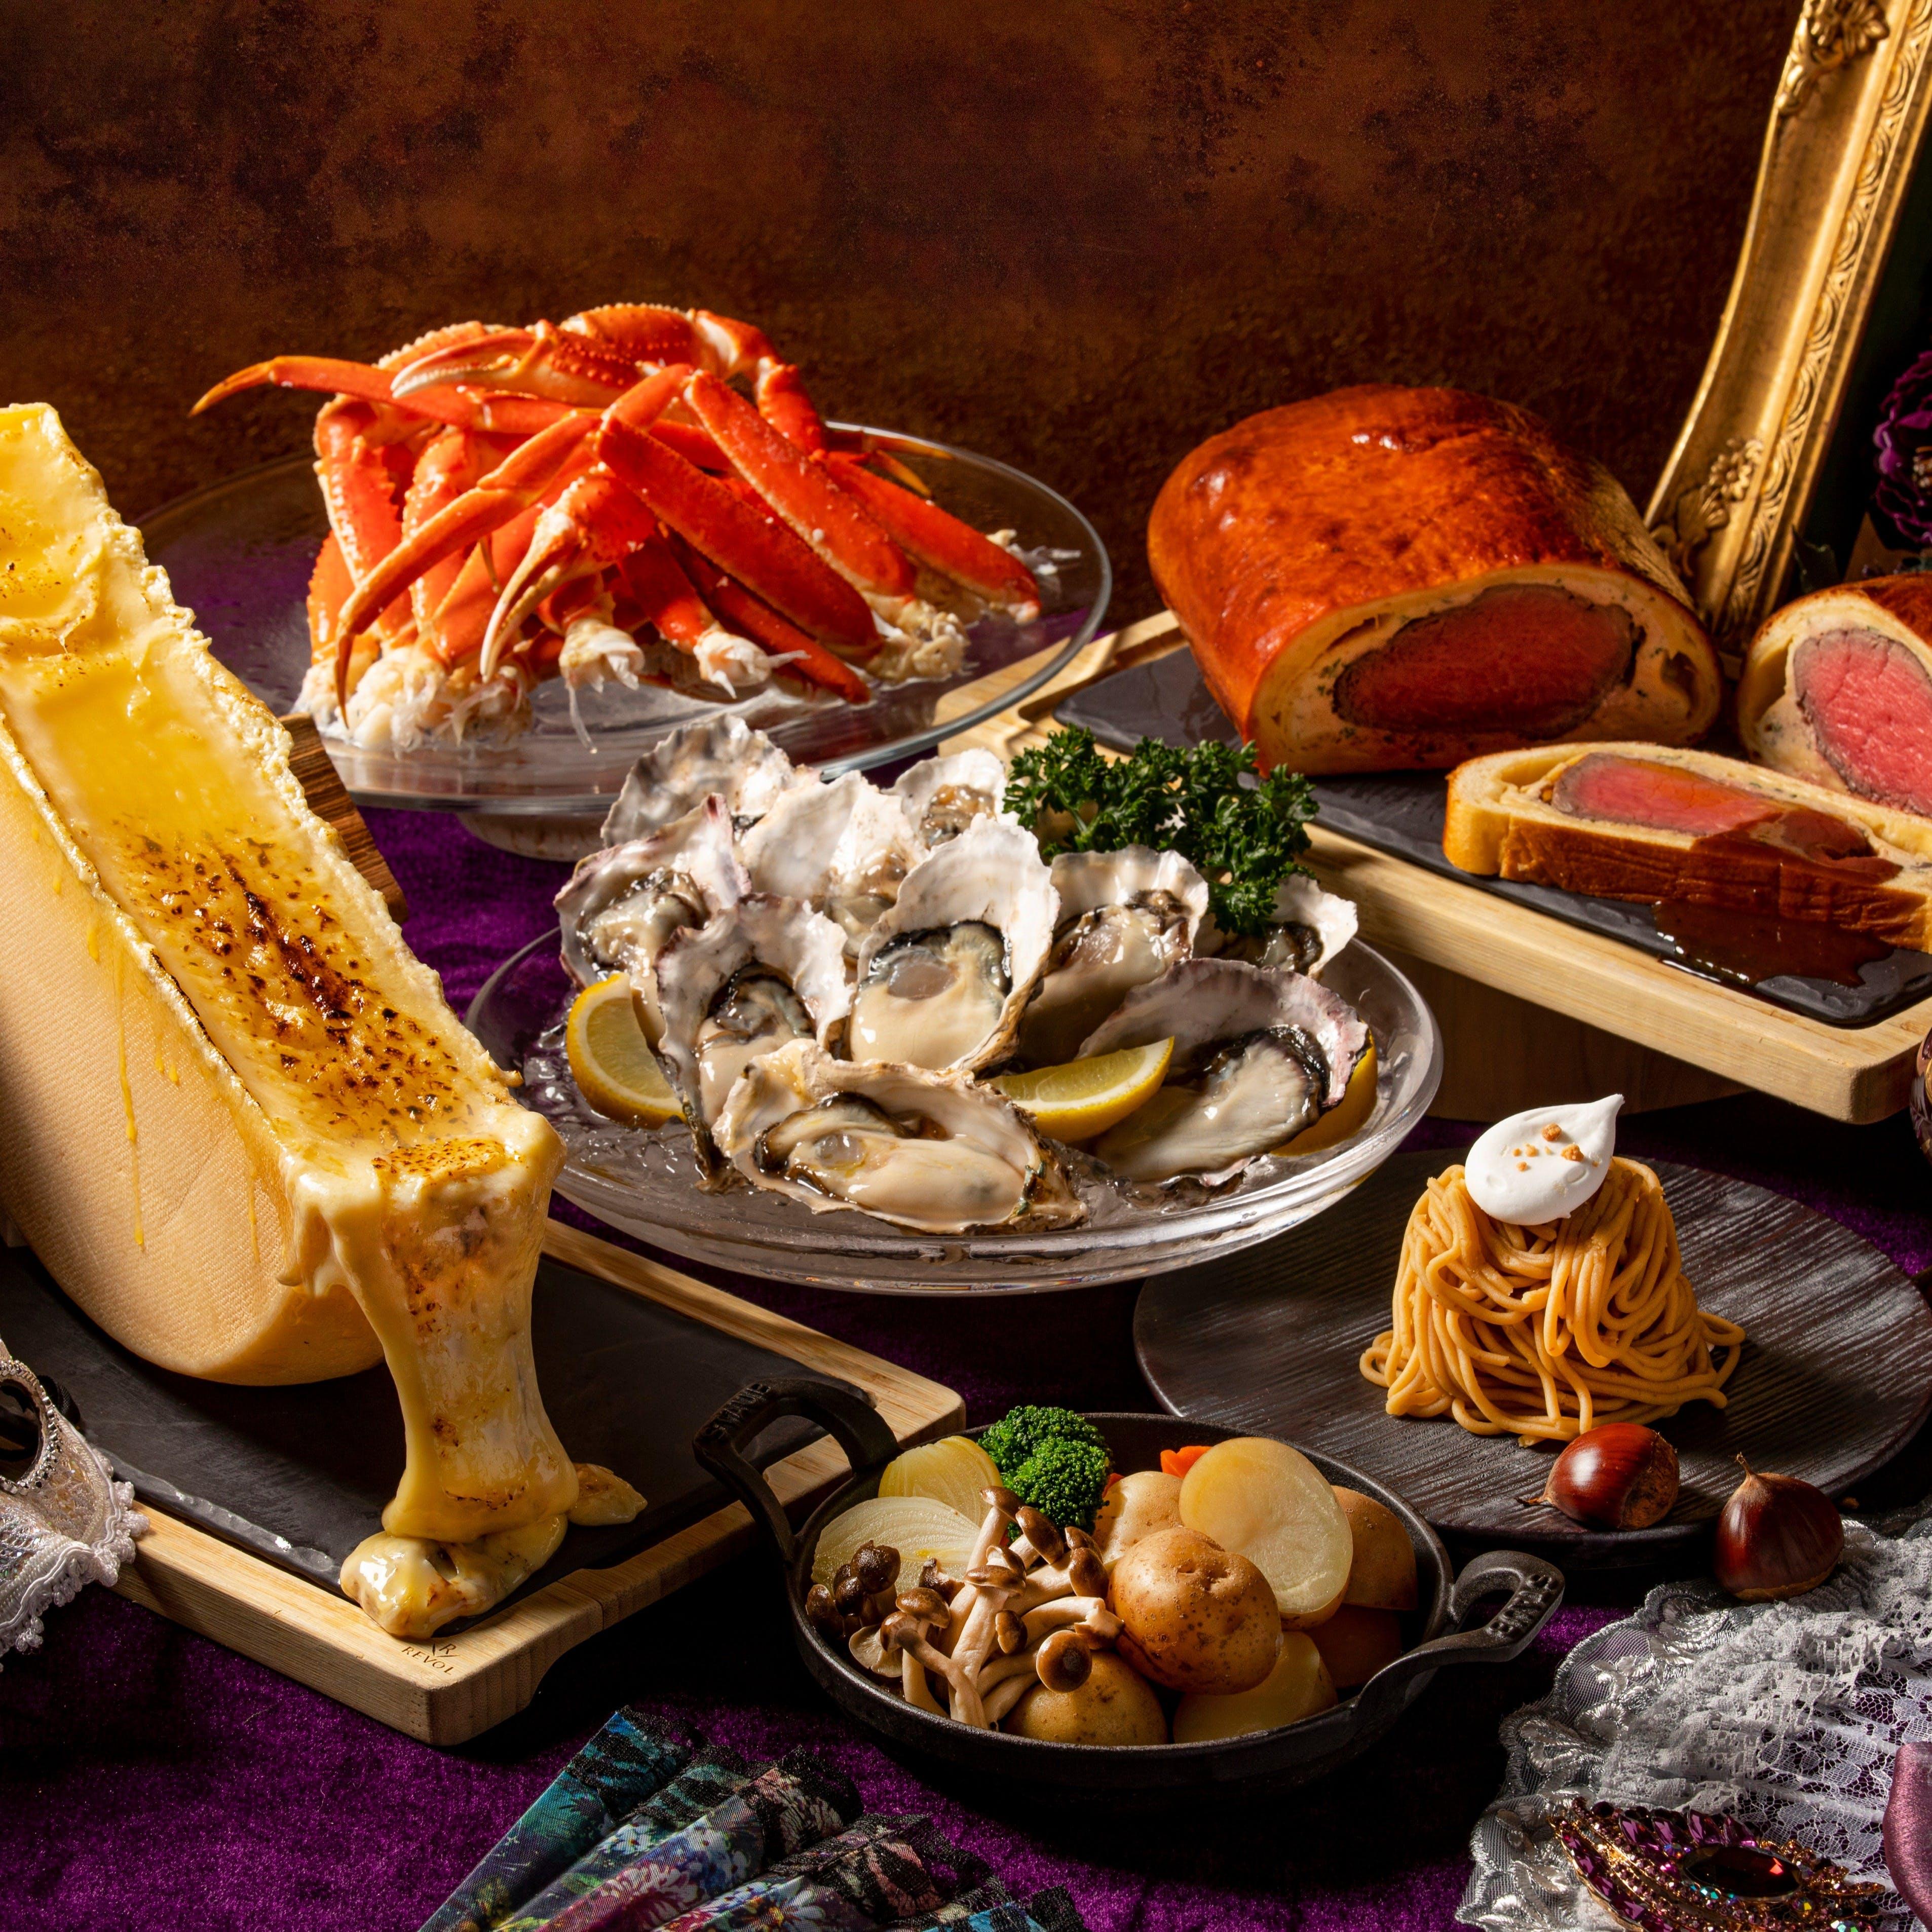 お好きなだけ各種料理も楽しめるディナービュッフェ